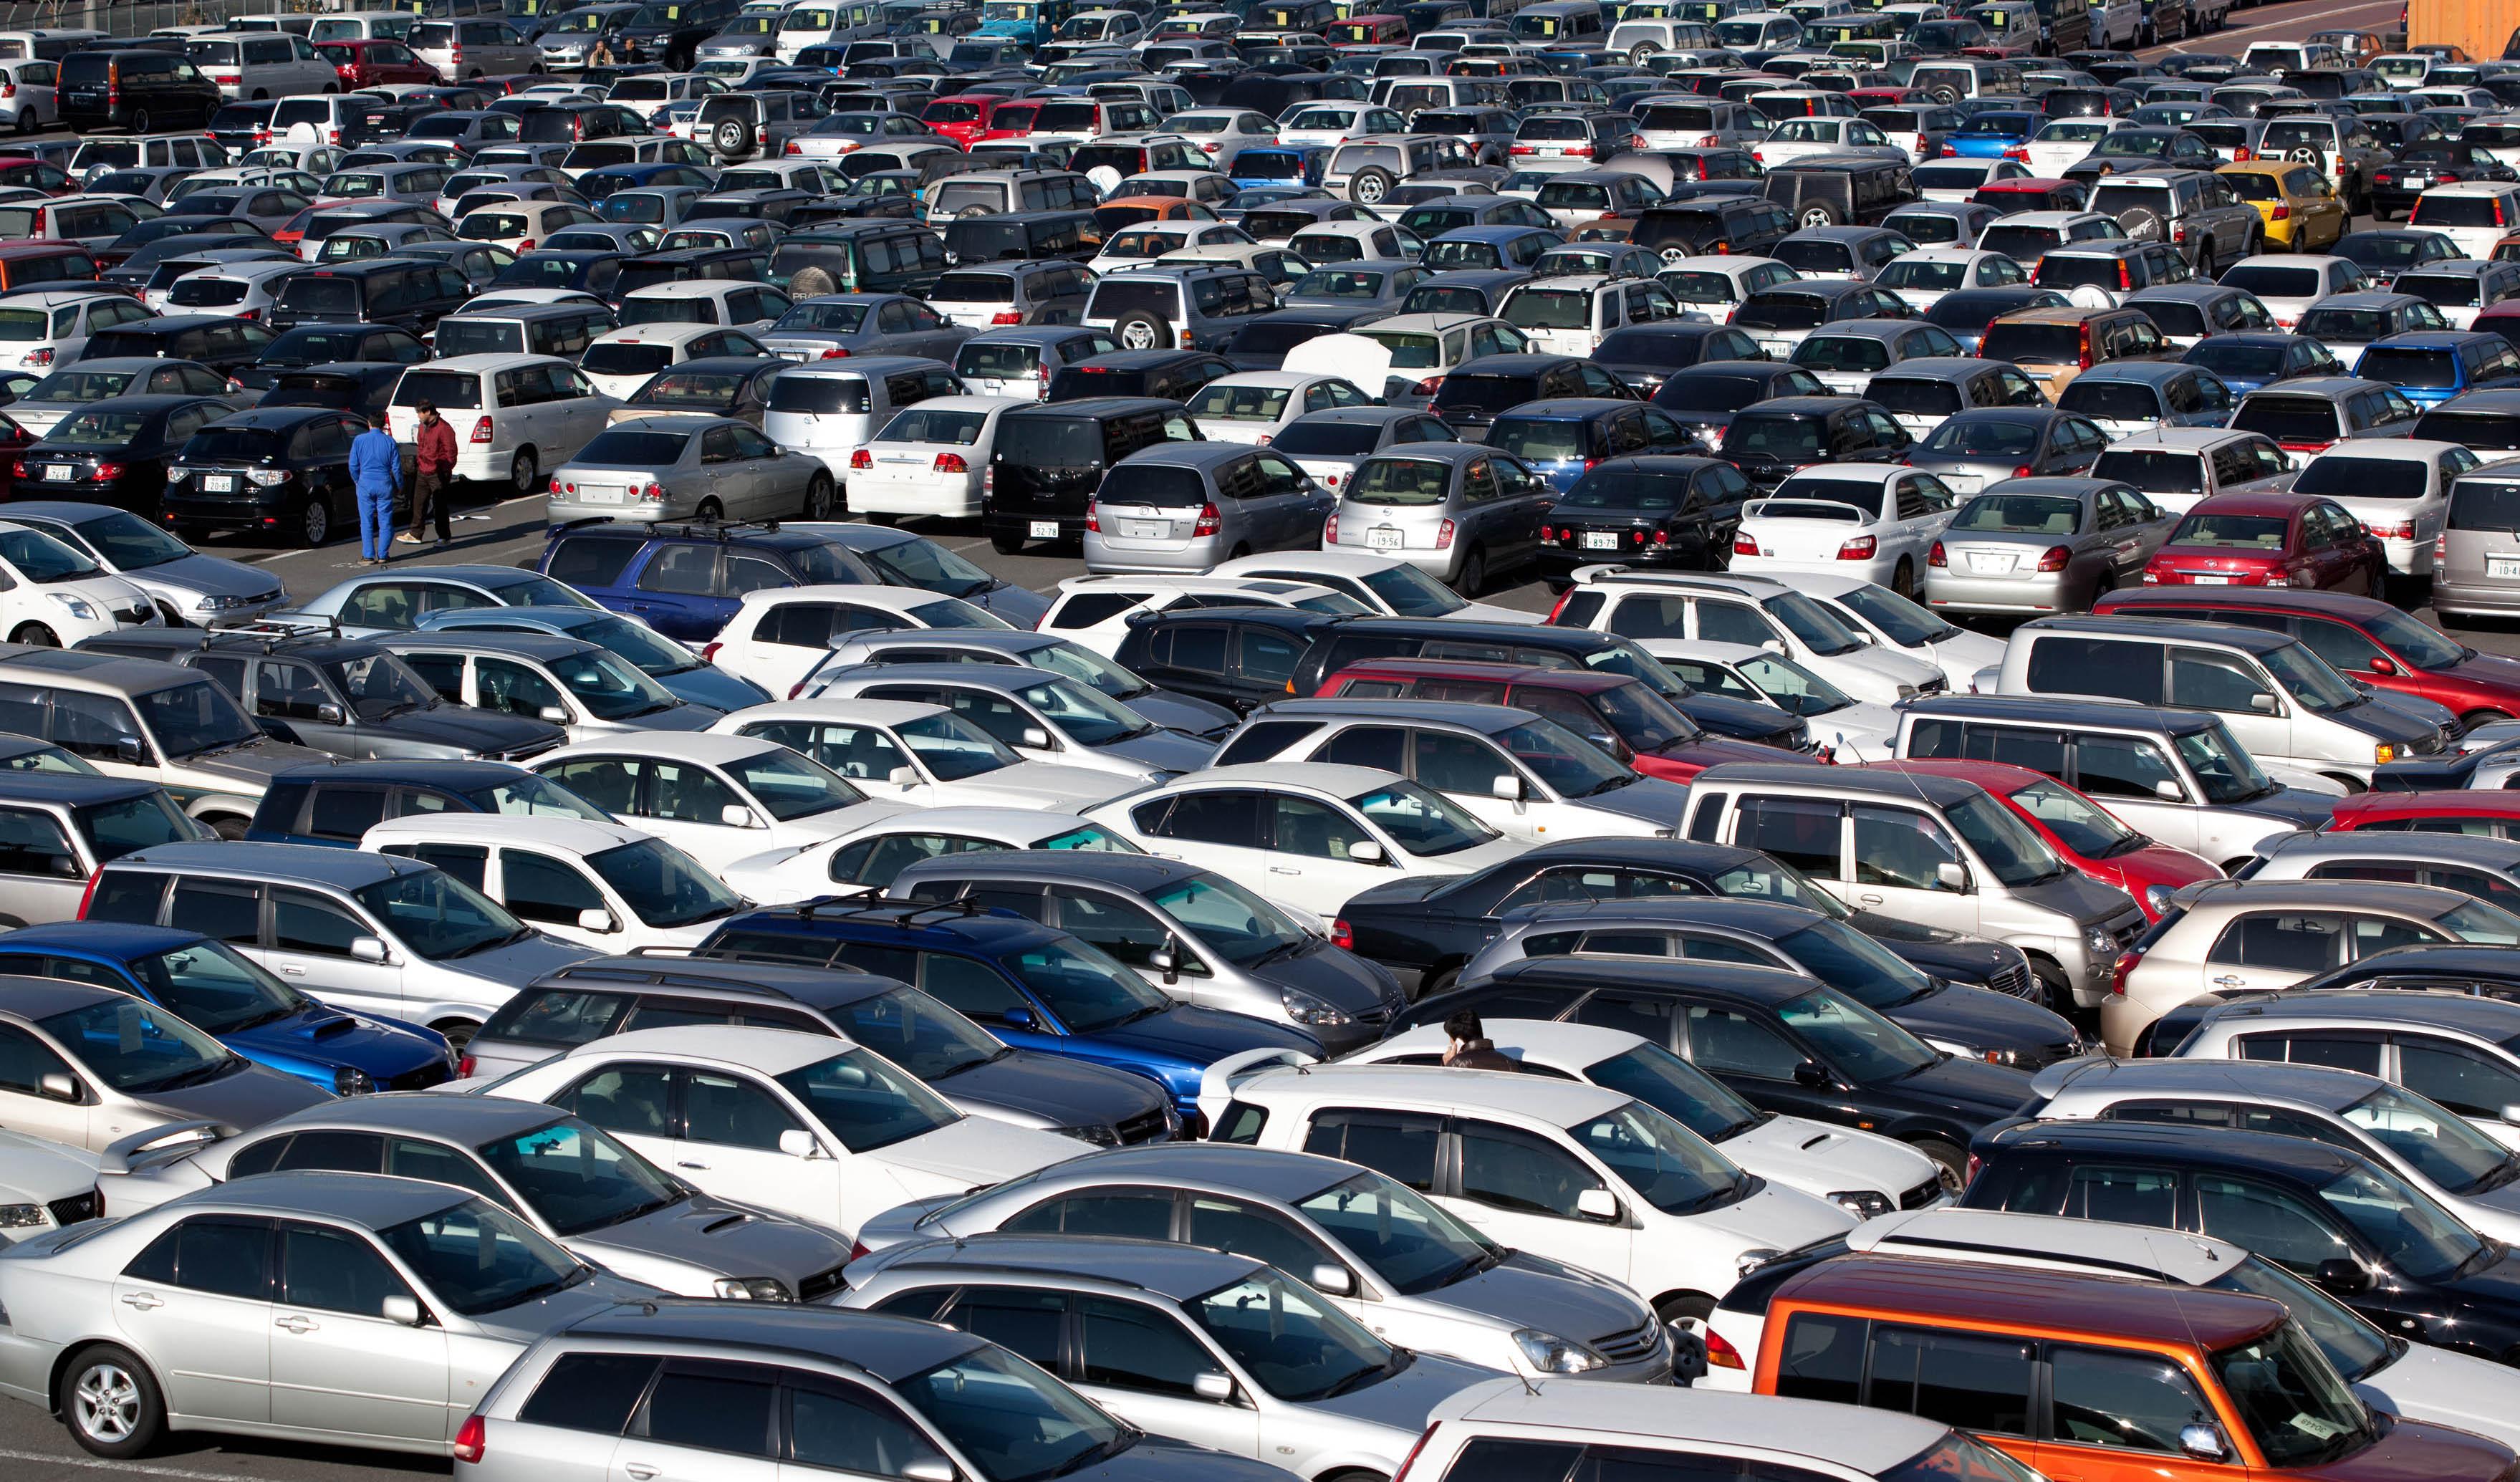 شرایط جدید ثبت نام برای خانوارهای بدون خودرو اعلام شد